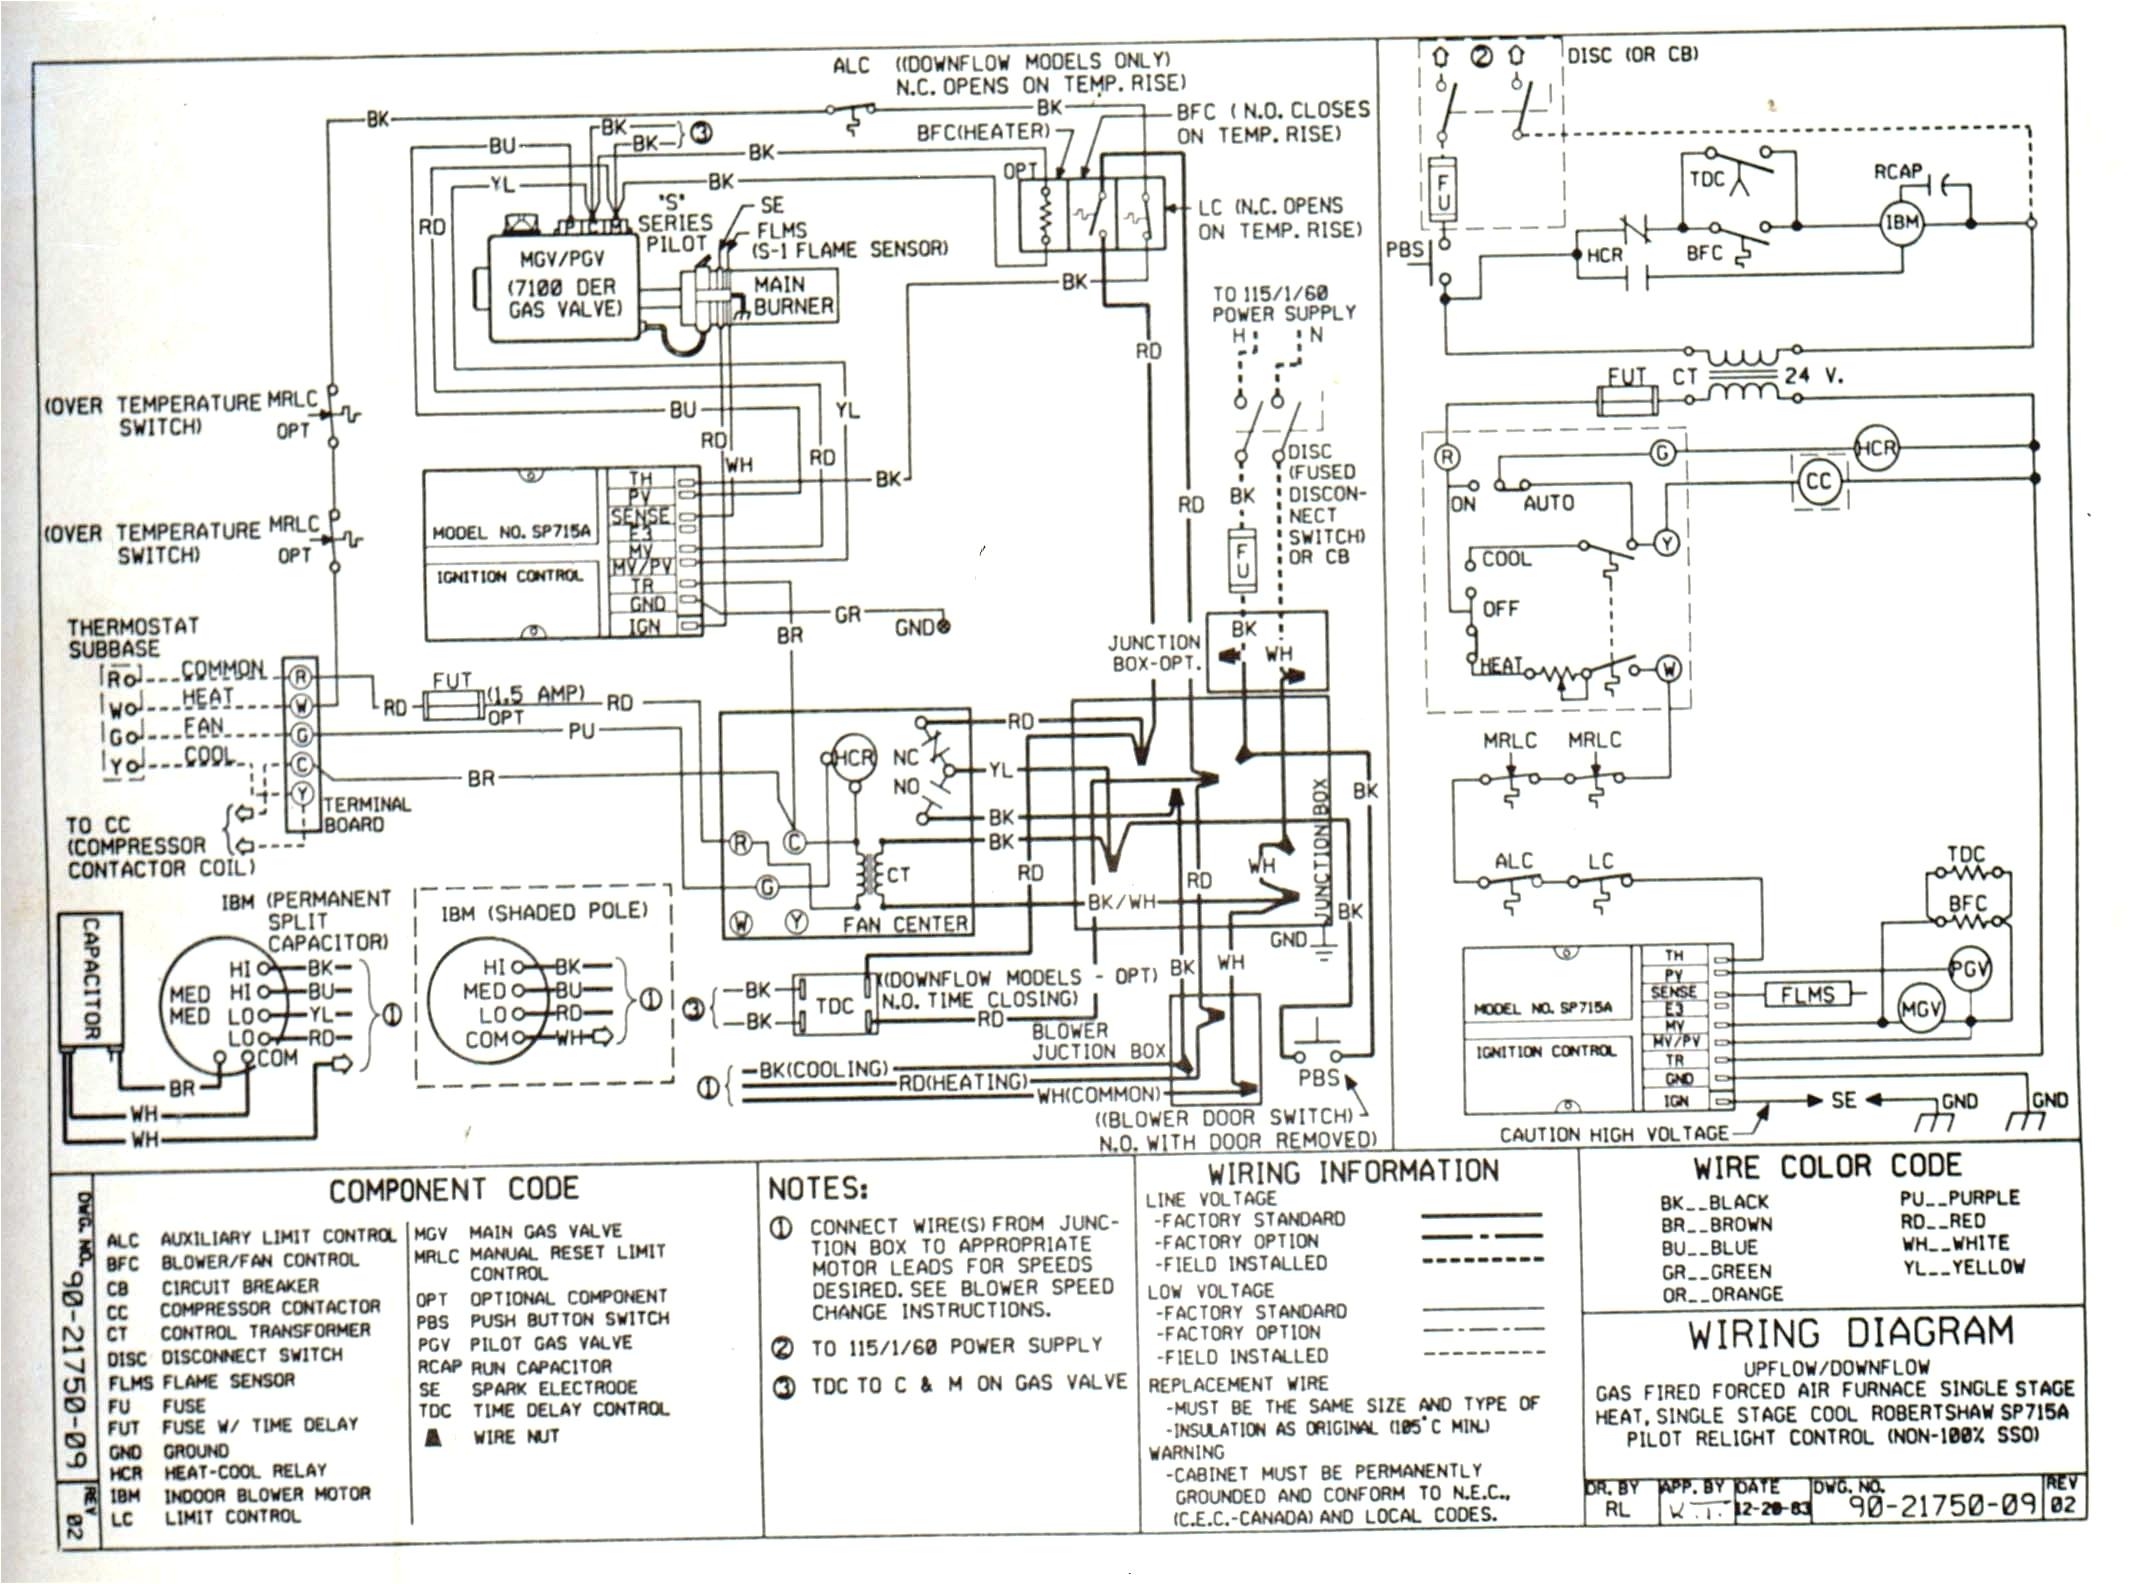 Fisher Plow Wiring Diagram Janitrol Furnace Wiring Diagram Only Wiring Diagram Fascinating